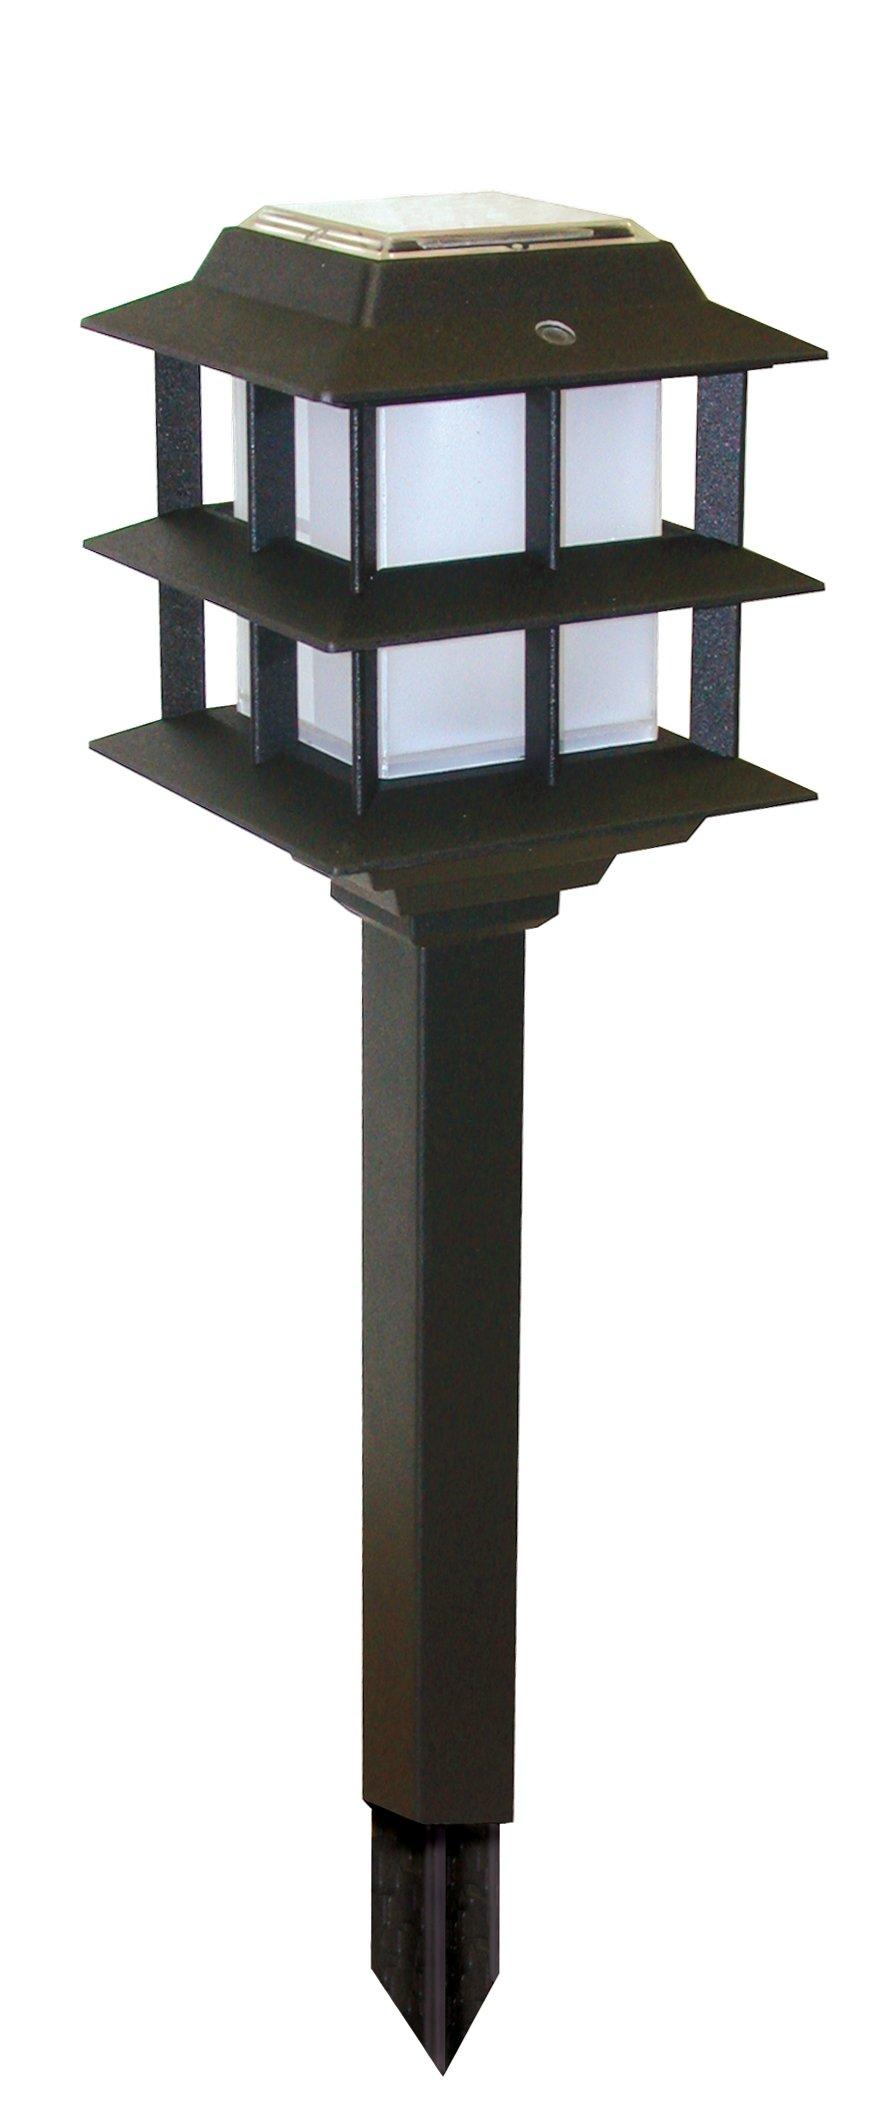 Brinkmann 822-0561-2 Modern Tier Solar Accent Light Set